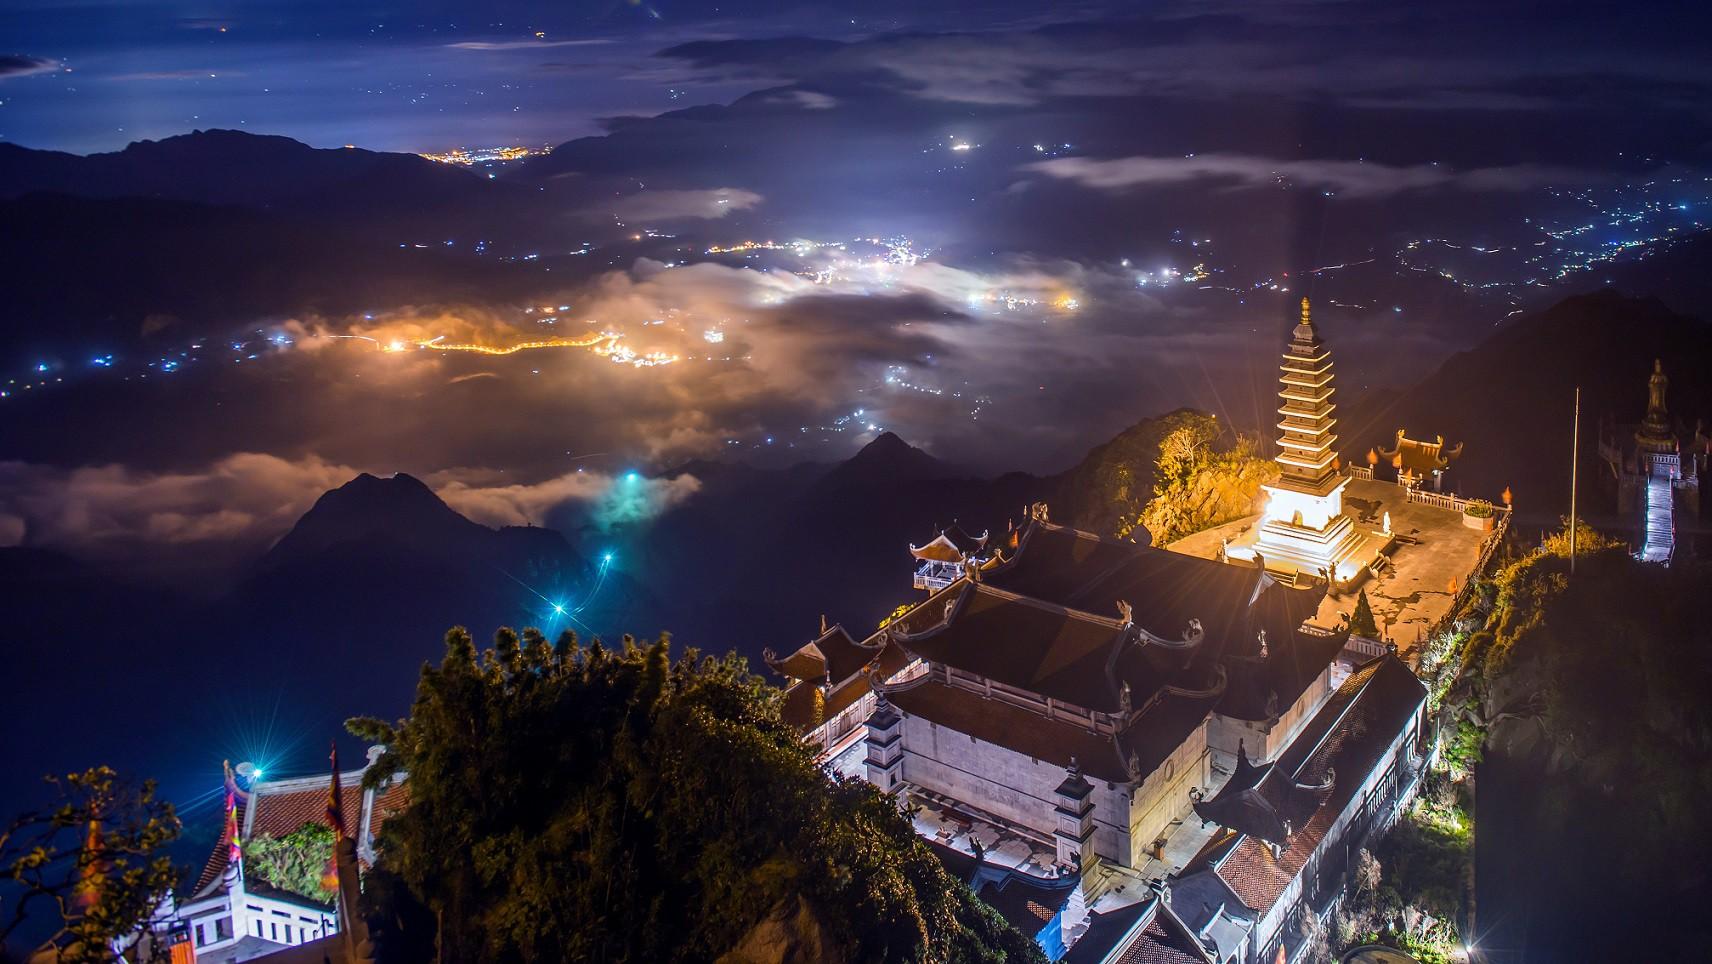 """Ngẩn ngơ trước thiên nhiên kỳ vĩ ở """"Điểm đến du lịch hấp dẫn hàng đầu Việt Nam năm 2019"""" - Ảnh 1."""